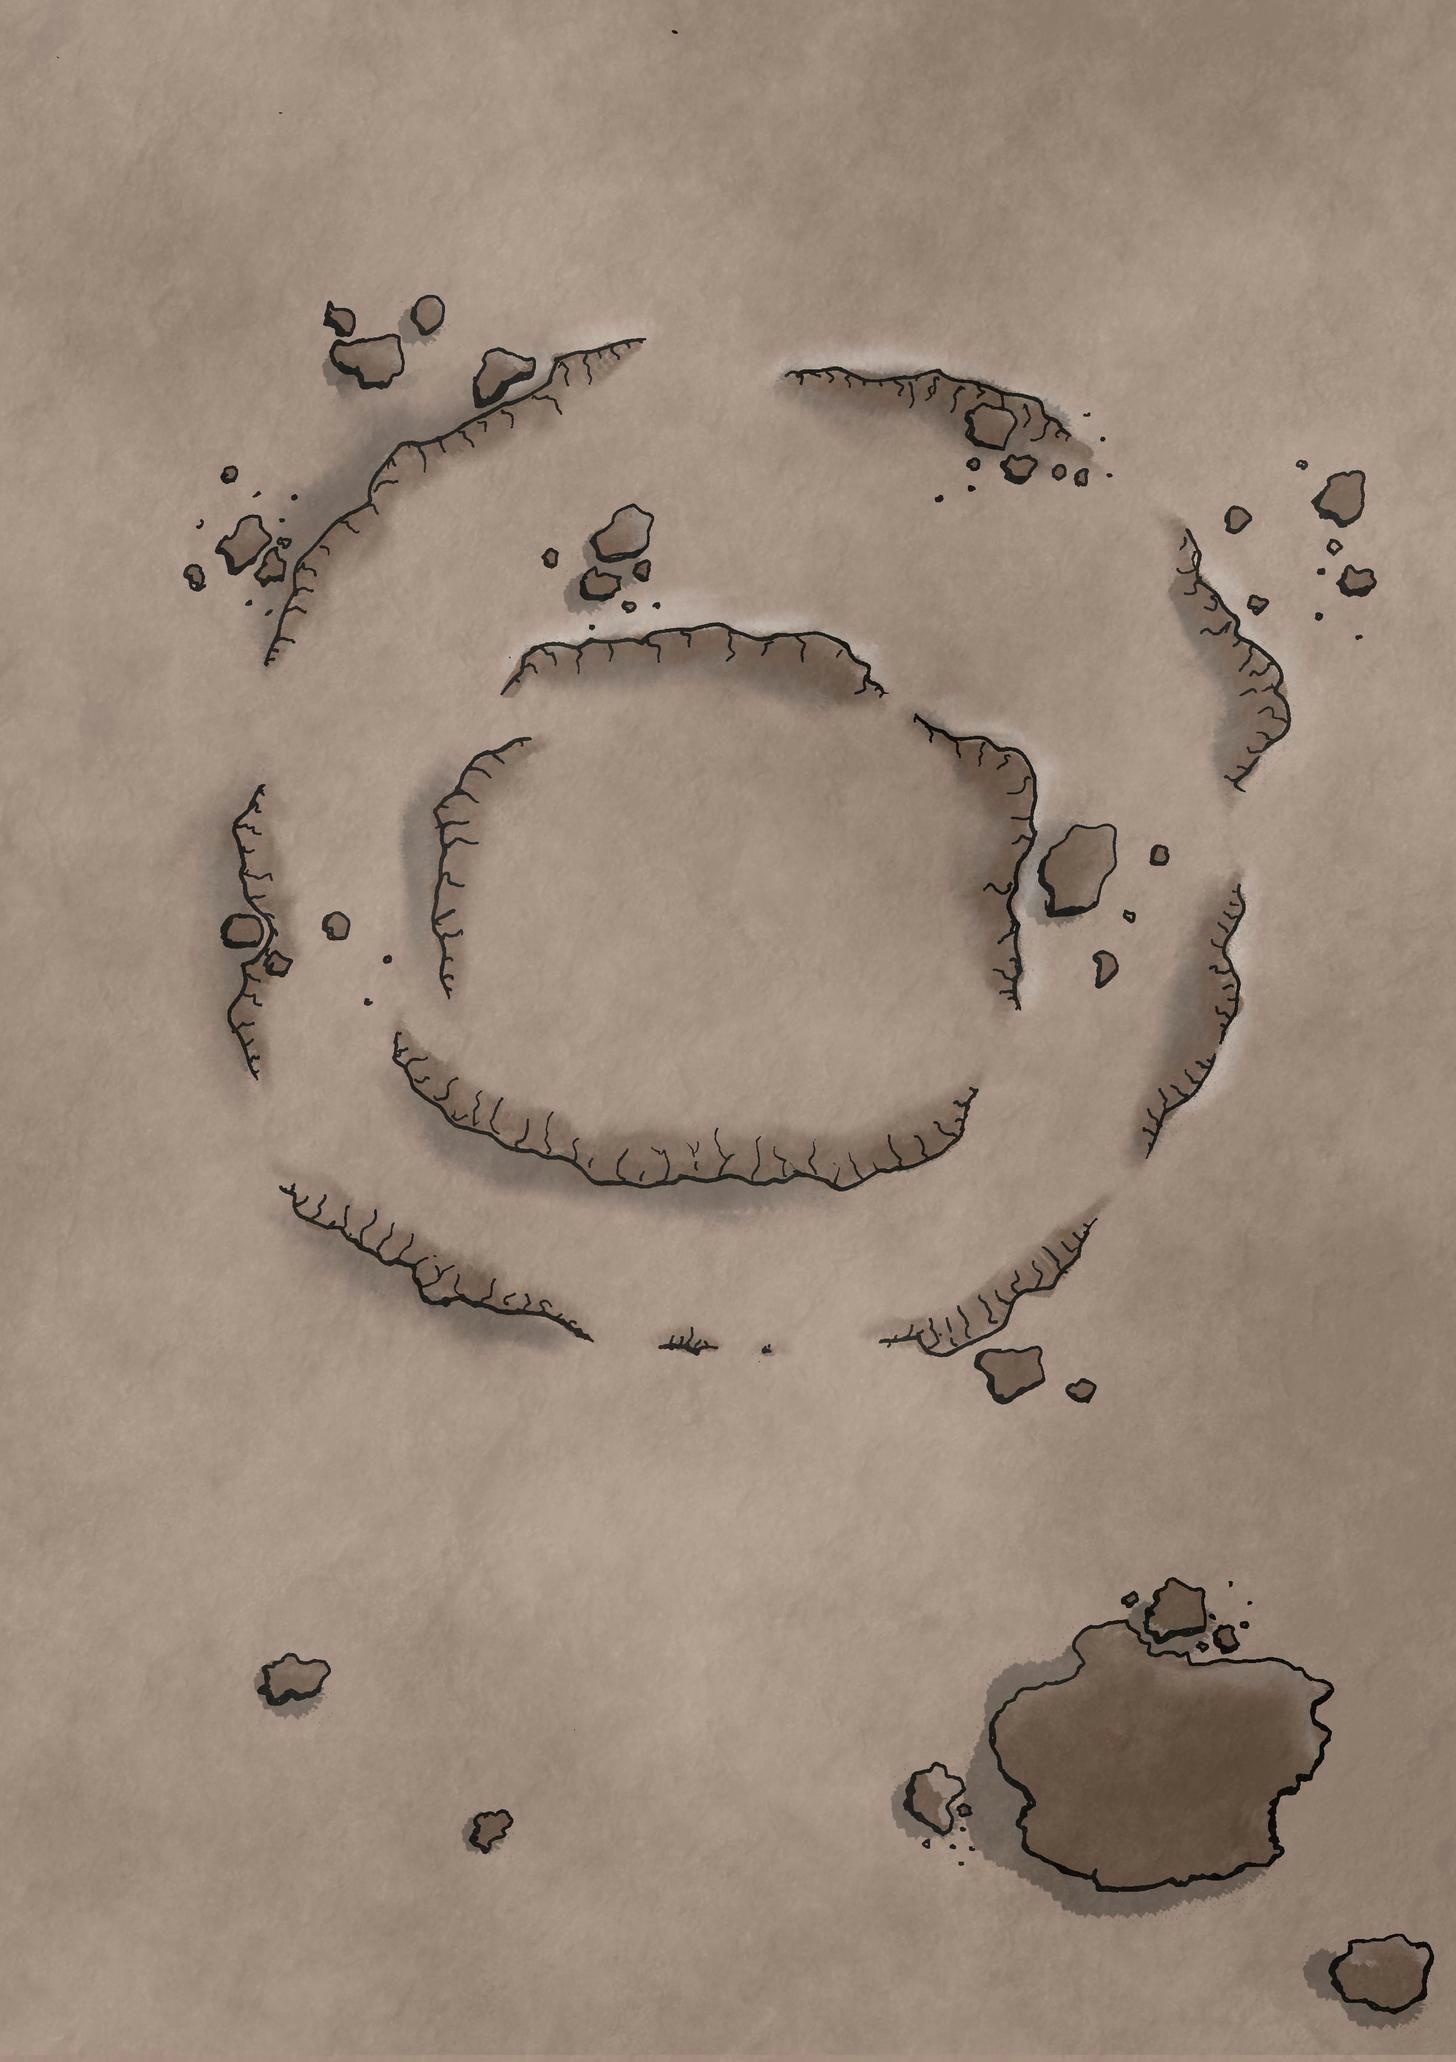 desert battle maps for dnd album on imgur